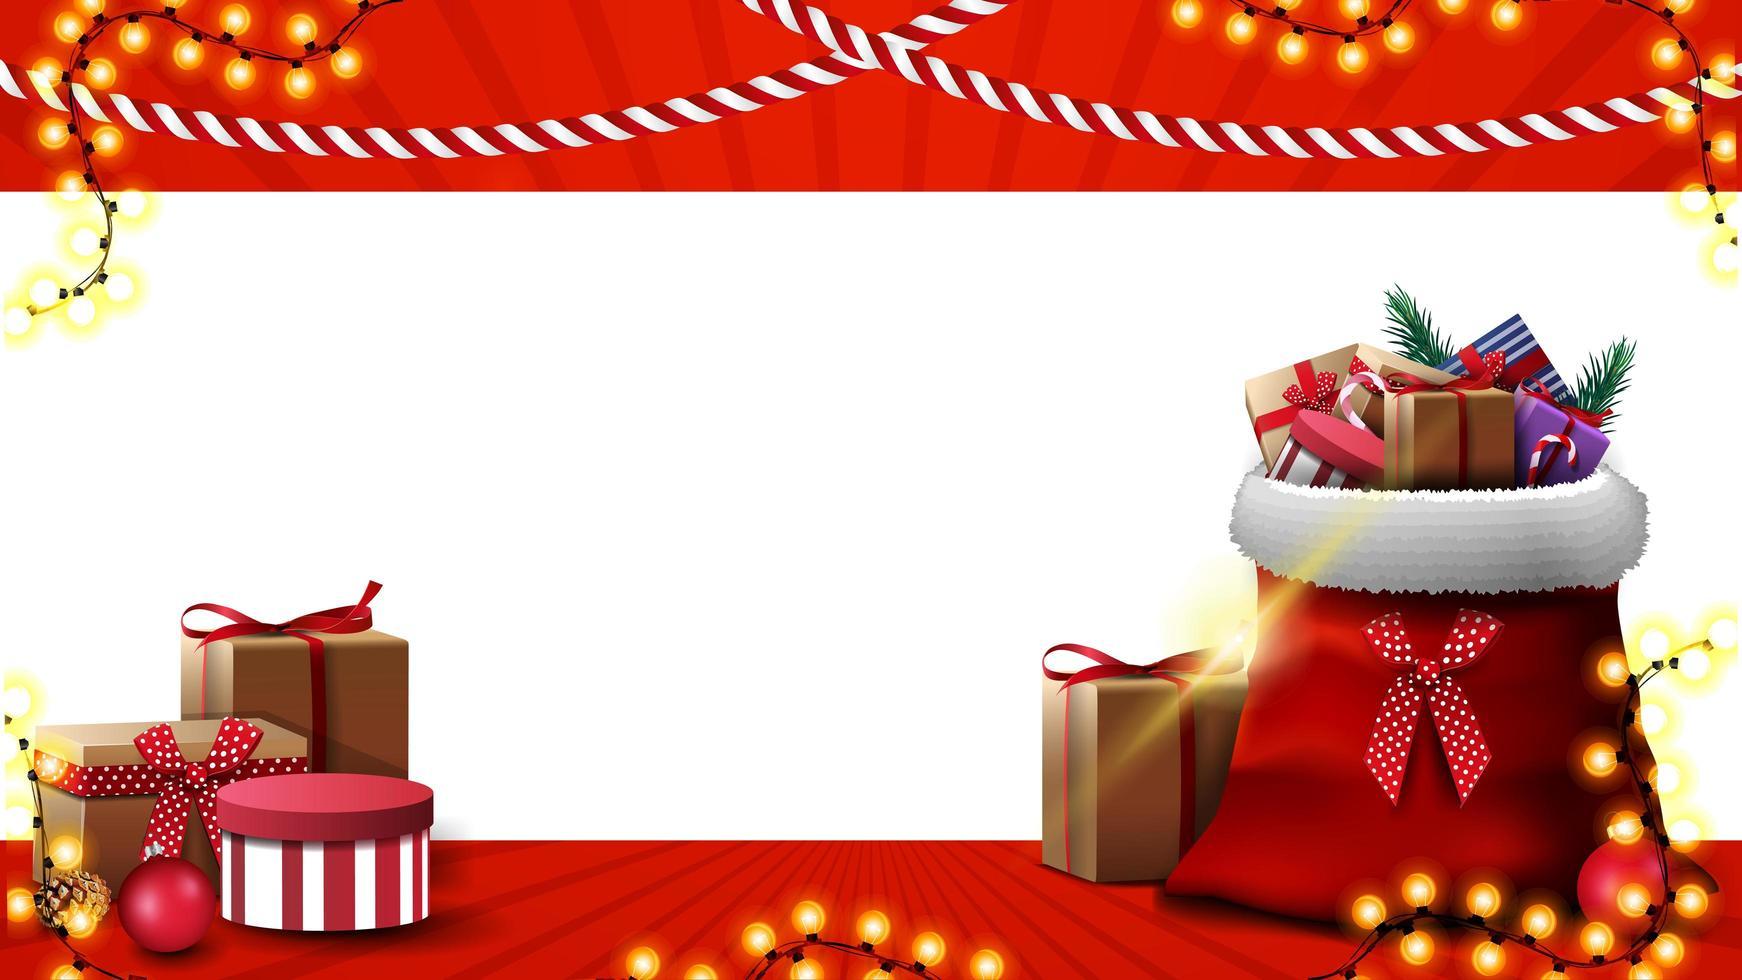 modello di Natale per biglietto di auguri o banner di sconto. modello di natale con posto per te testo e borsa di babbo natale con regali vettore